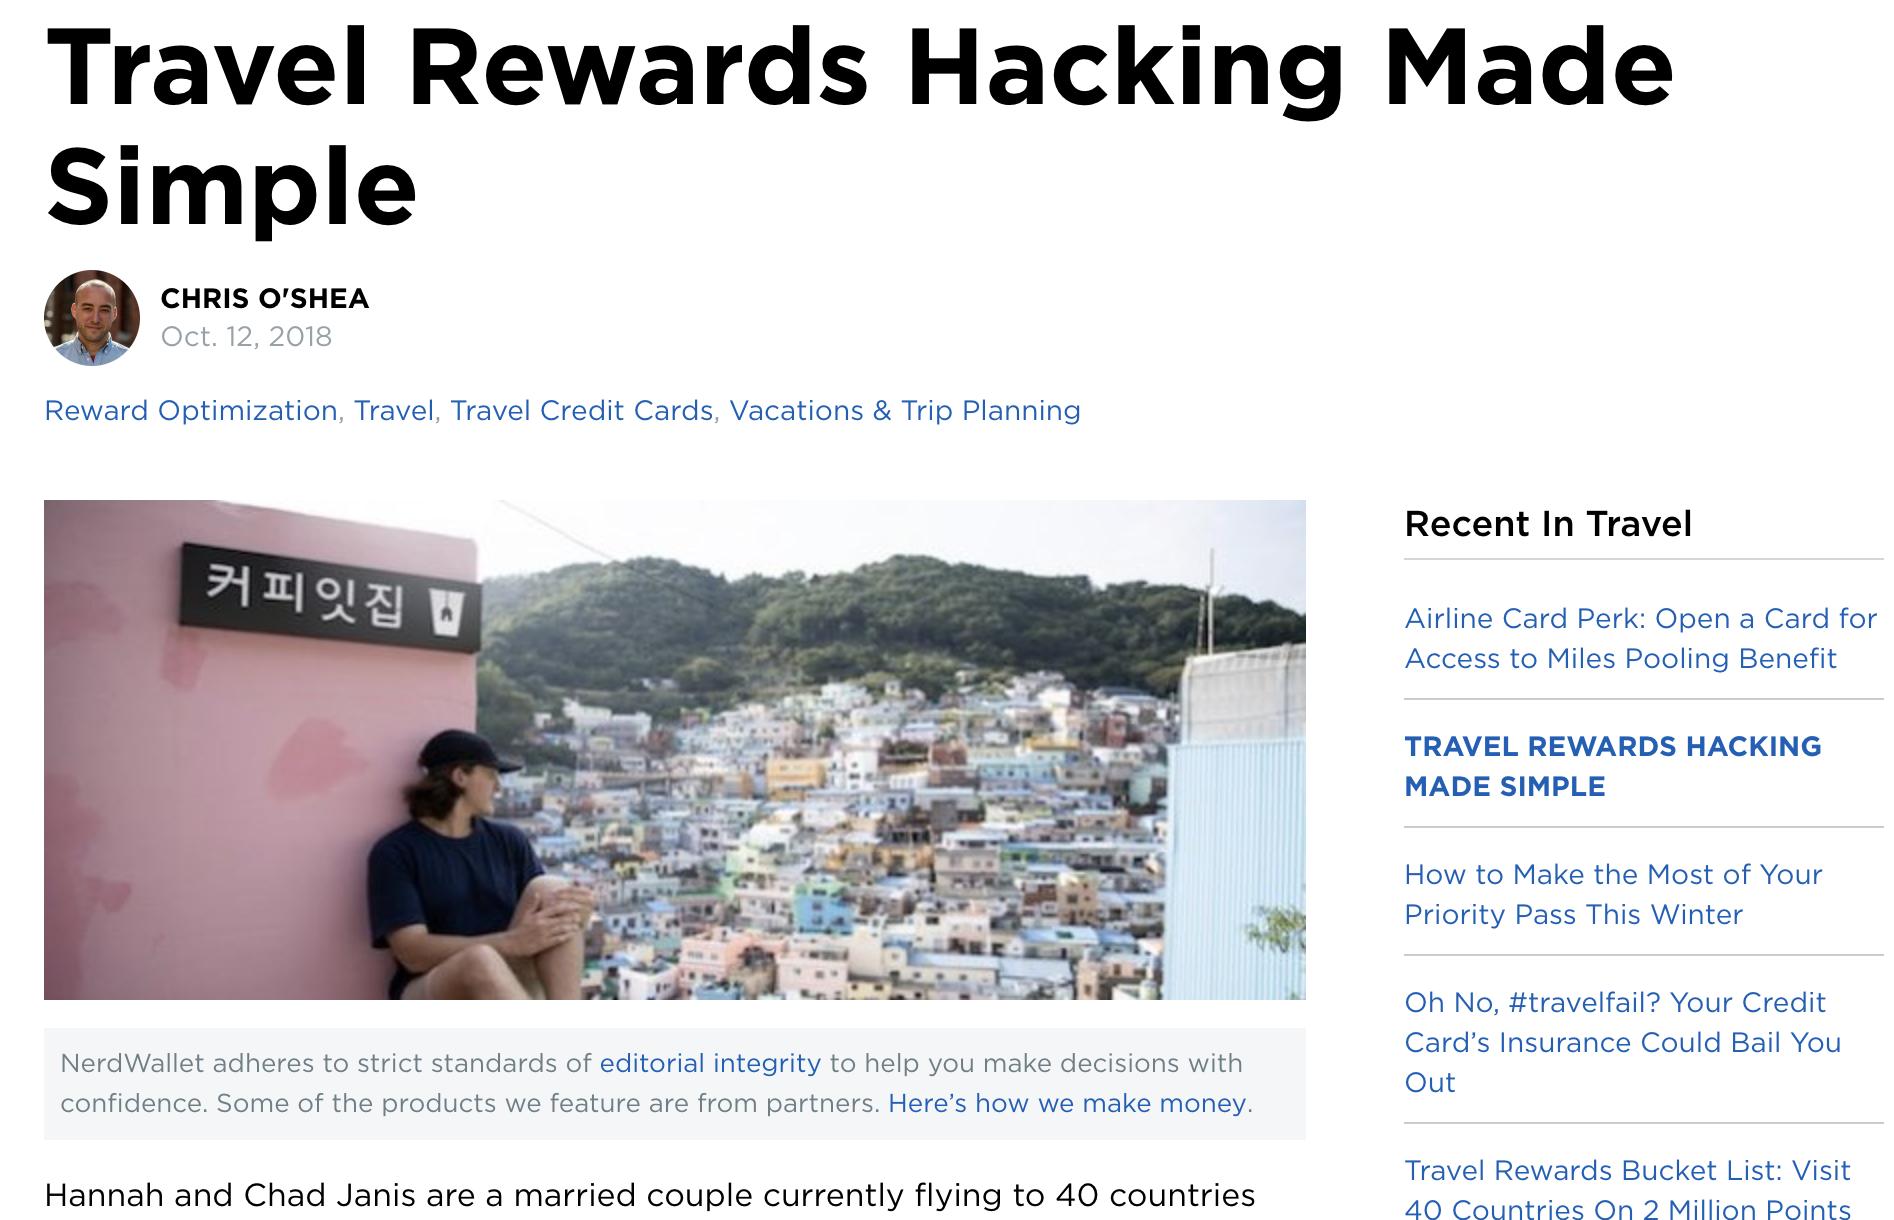 NerdWallet - Travel Rewards Hacking Made Simple